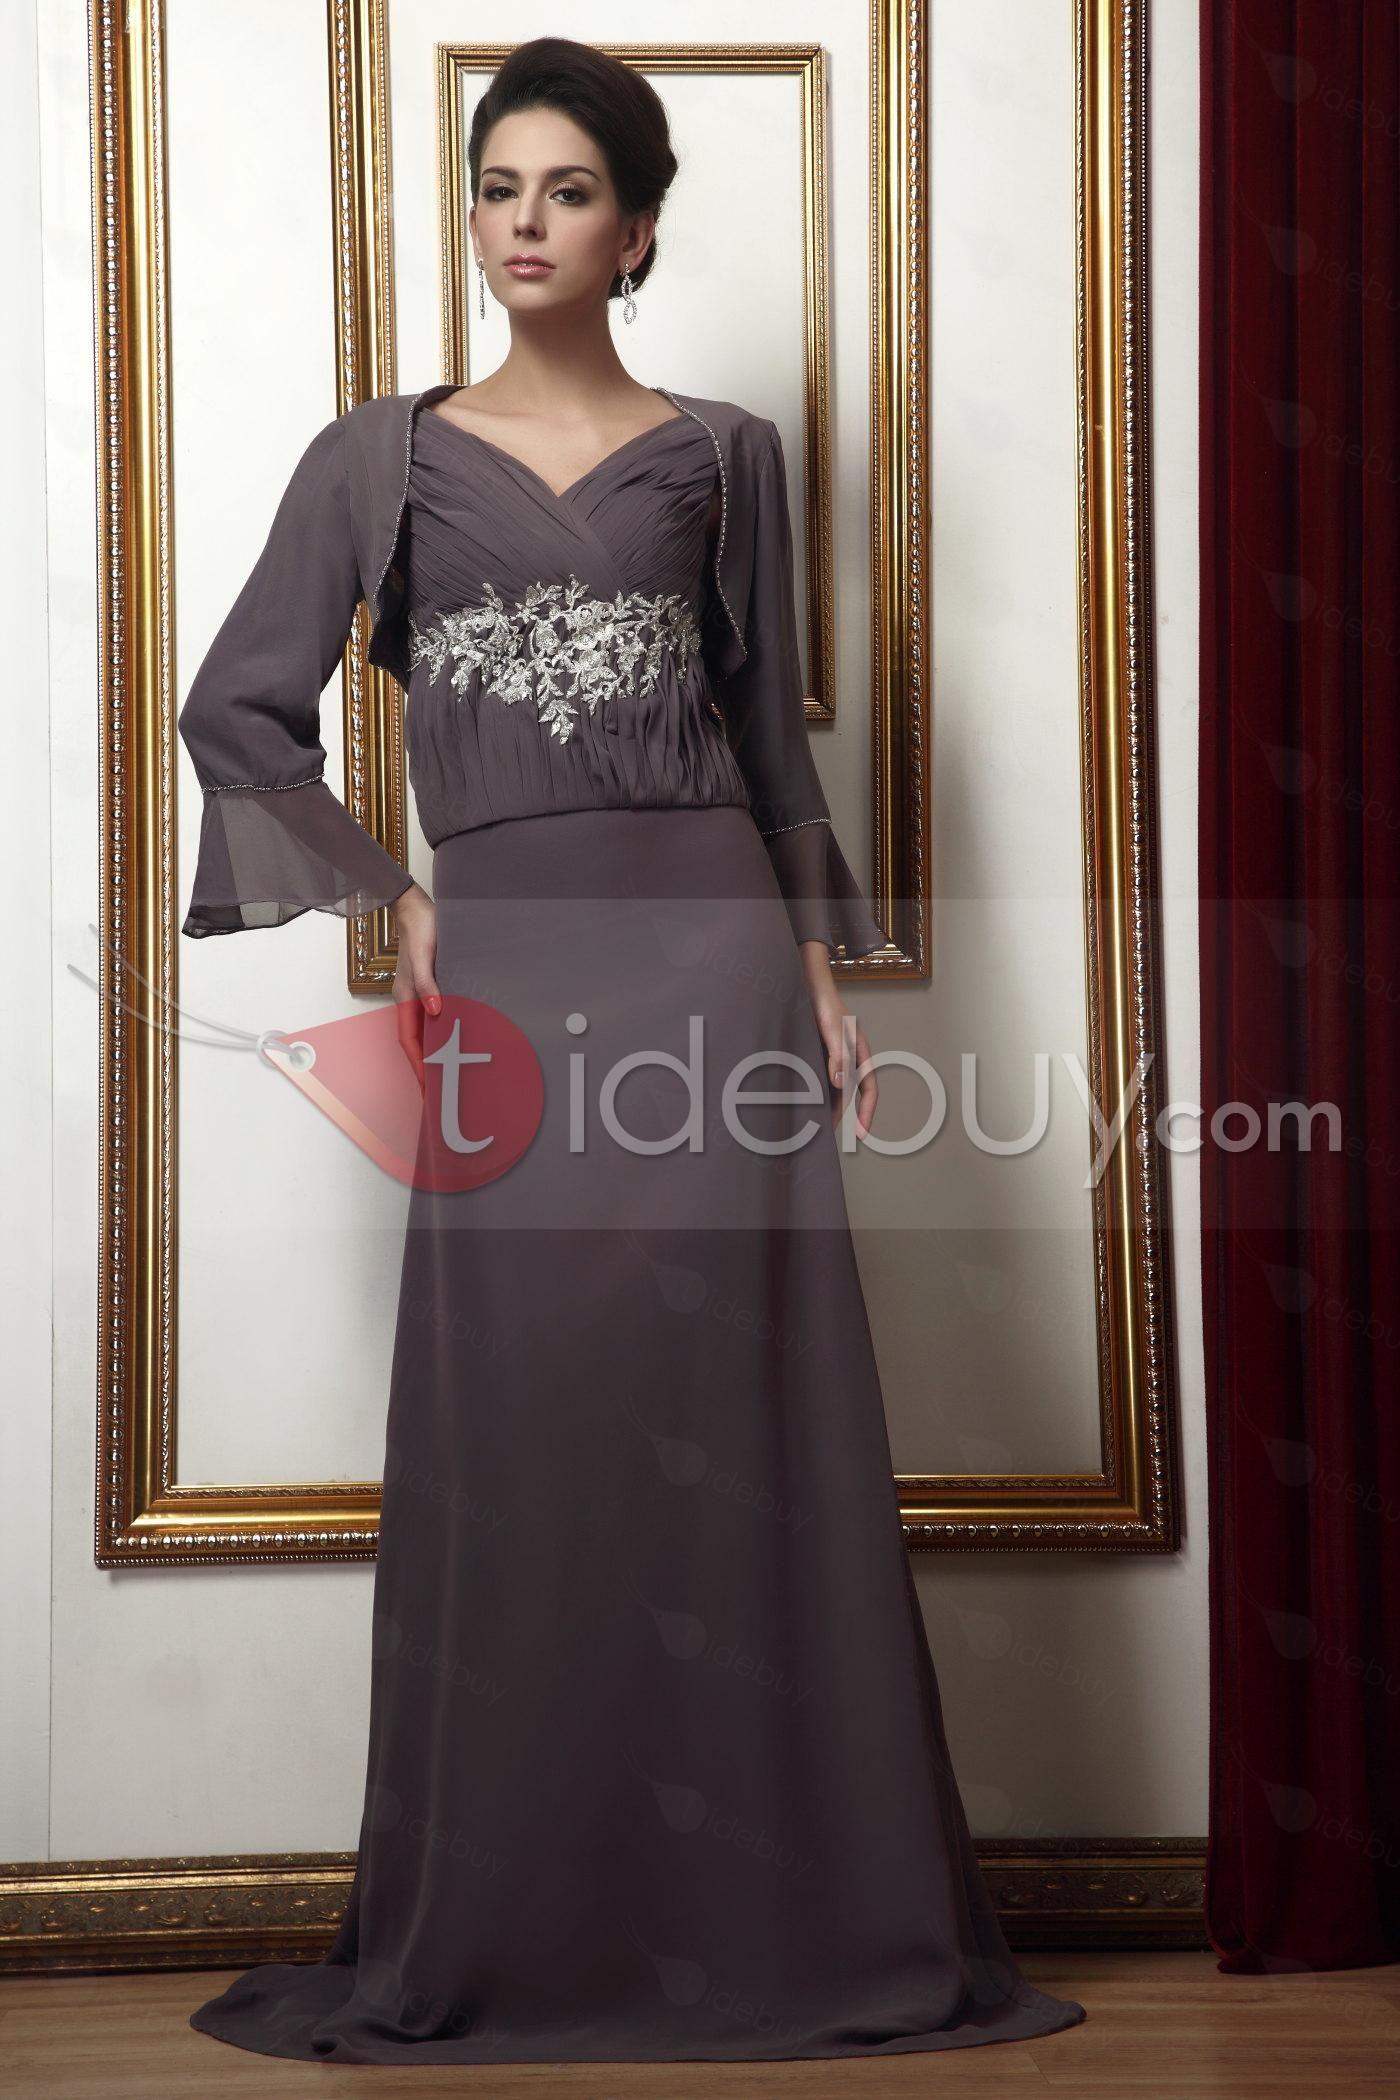 魅力的なアップリケ Aライン Vネック ロング花嫁さんの母ドレス